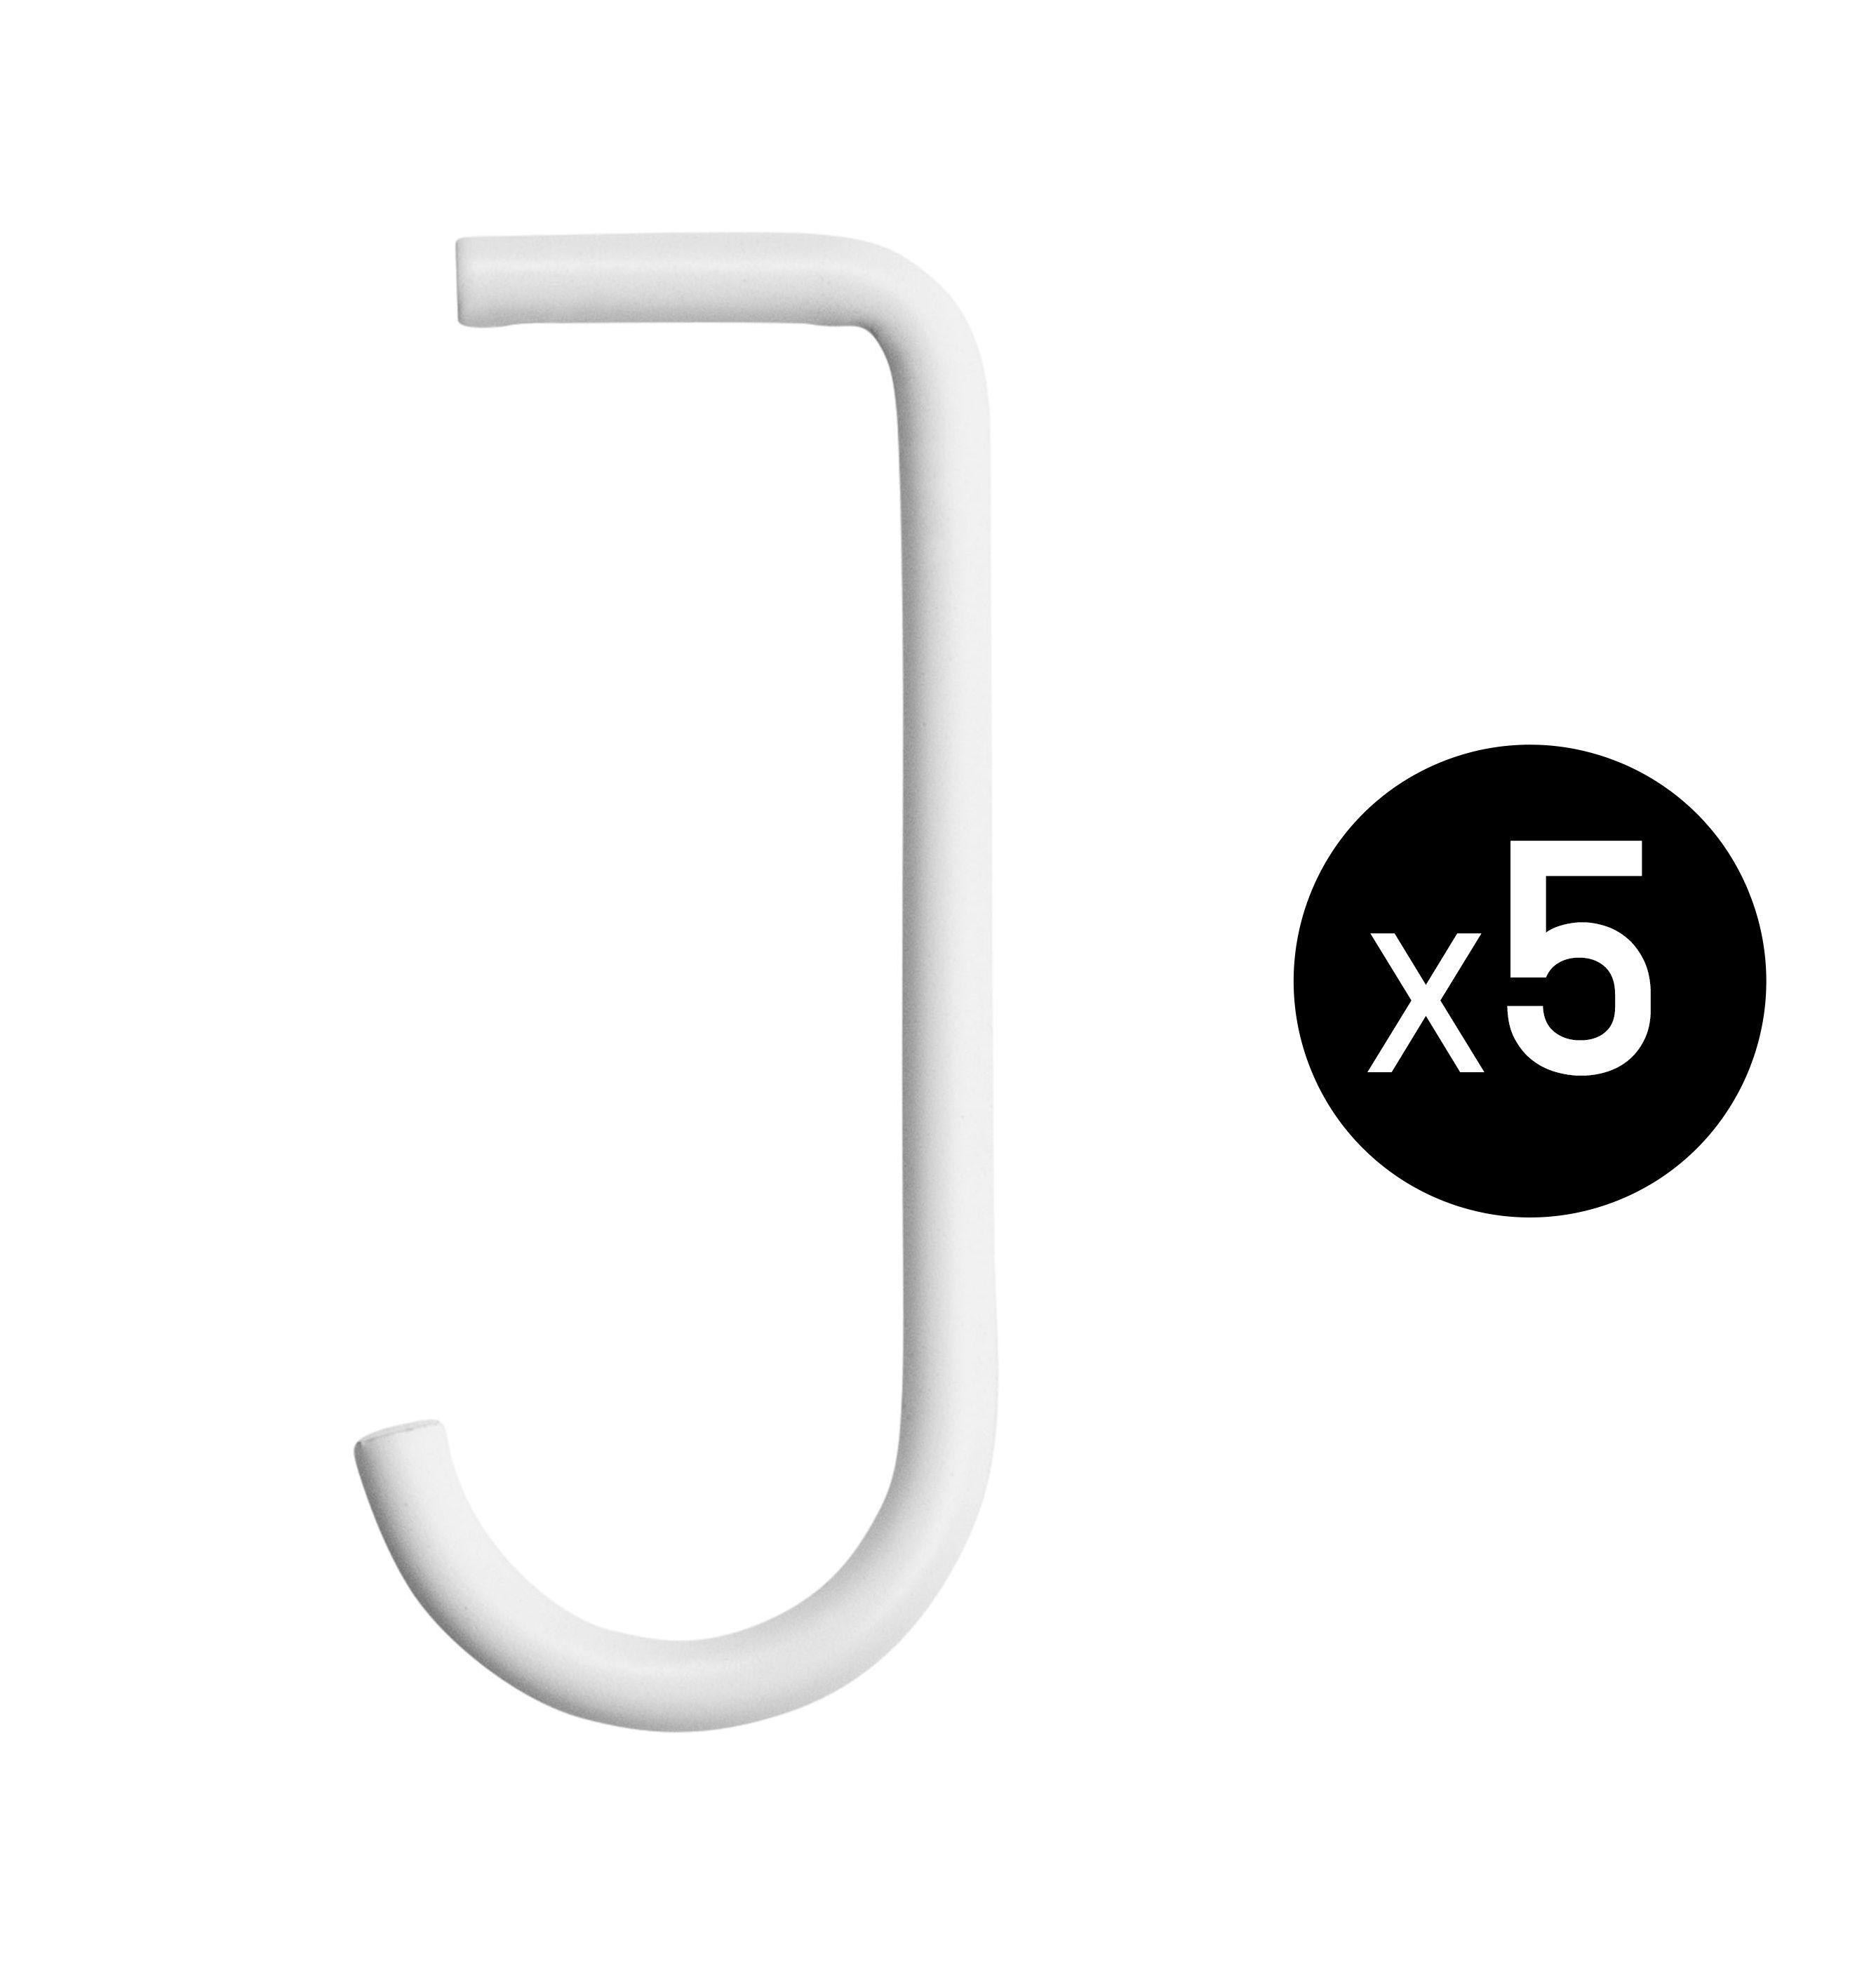 Mobilier - Etagères & bibliothèques - Crochet / Pour étagères en métal perforé - Set de 5 - String Furniture - Blanc - Métal laqué